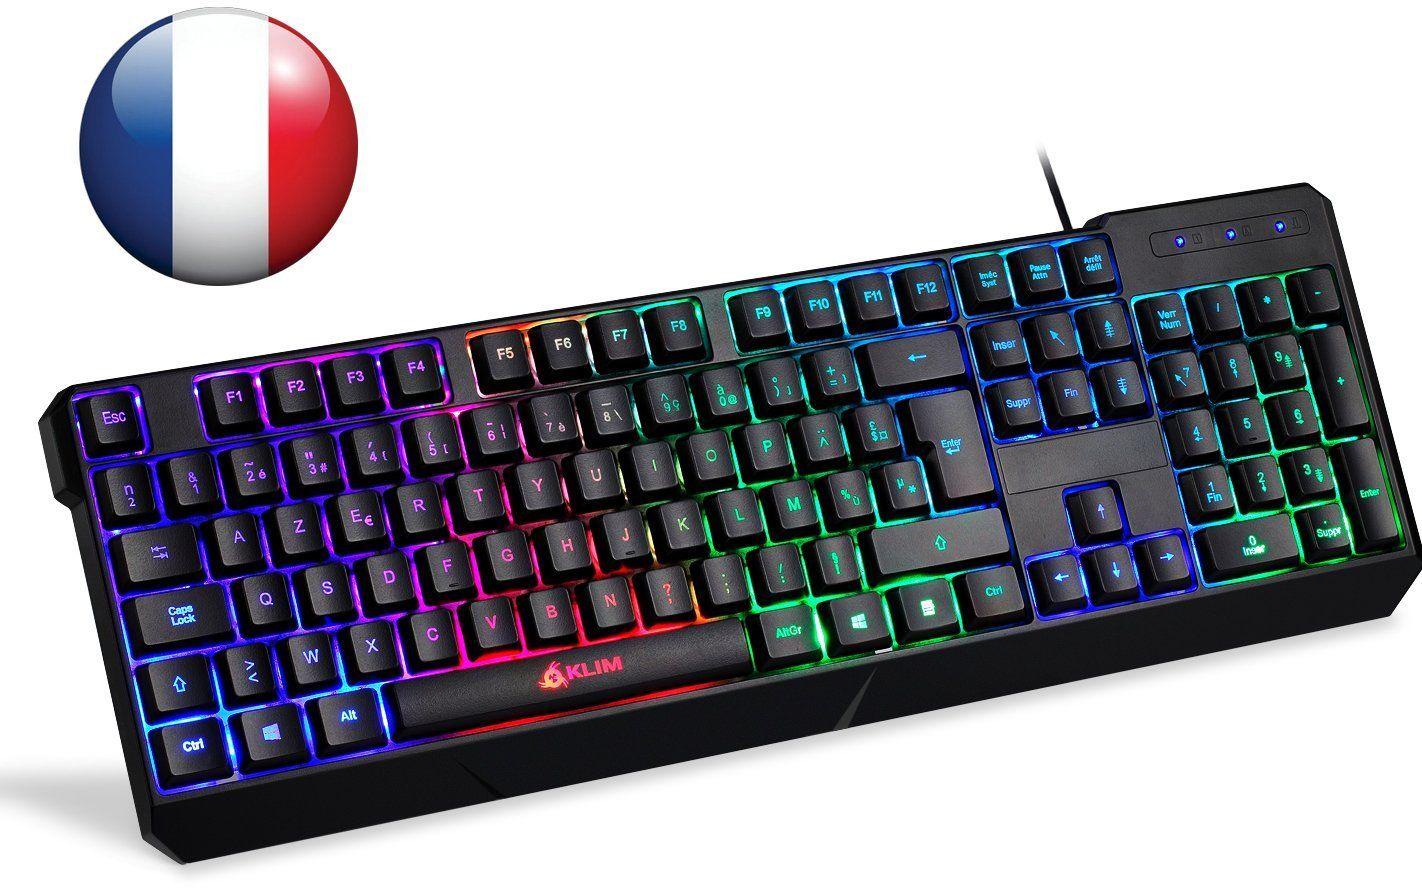 Klim Chroma Tastatur Gamer Azerty Franzosisch Mit Usb Kabel Hohe Leistung Bunte Beleuchtung Gaming Tastatur Pc Windows Mac Eur 29 90 Usb Tastatur Mac